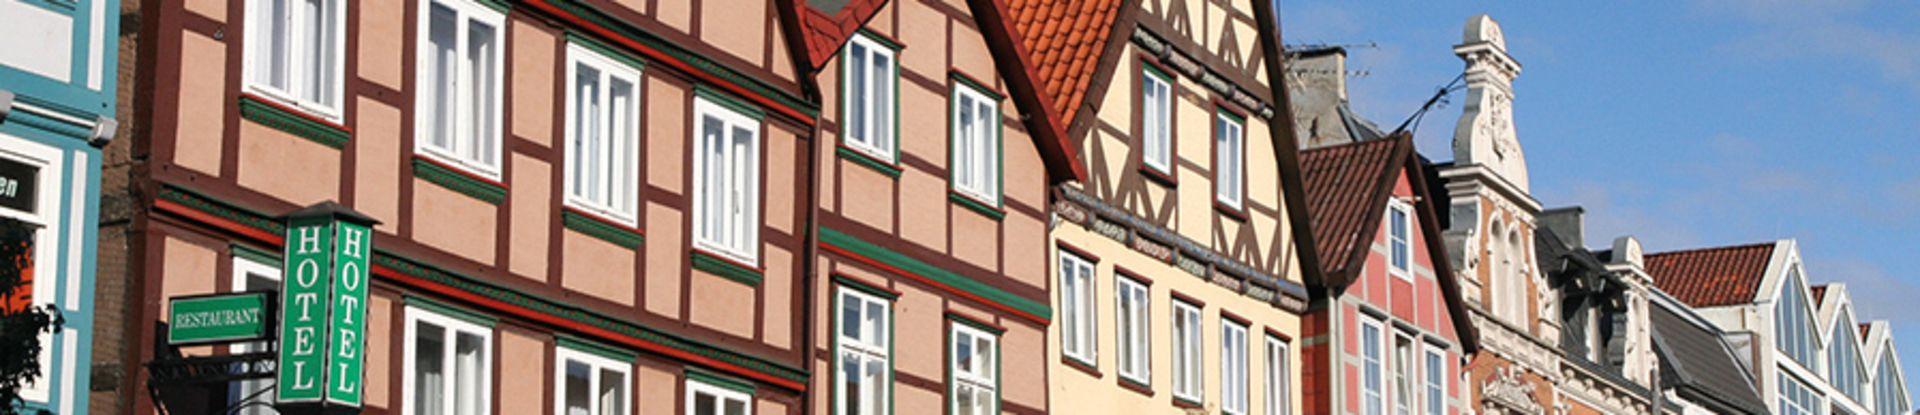 Häusergiebel in der Innenstadt von Uelzen